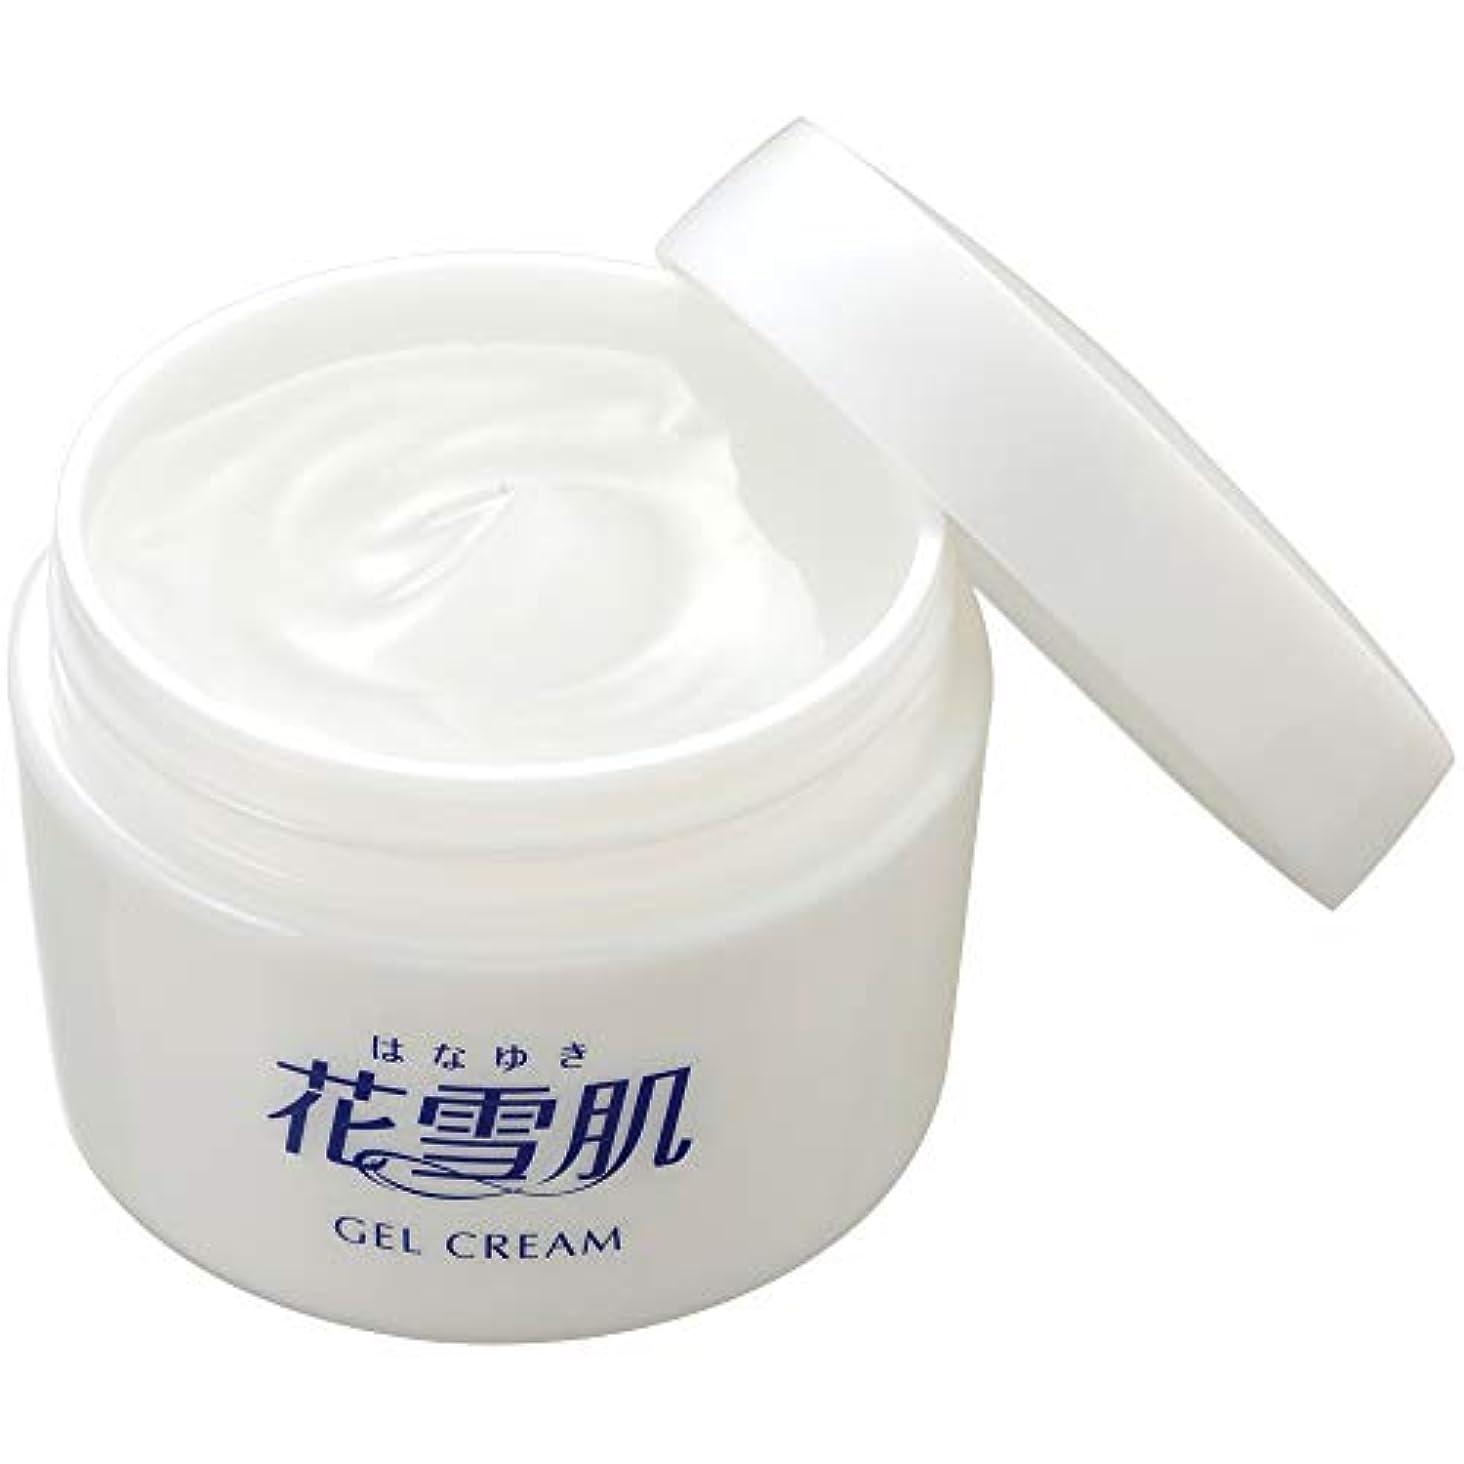 花雪肌 ジェルクリーム (医薬部外品) [通販専用90g] オールインワン コラーゲン ヒアルロン酸